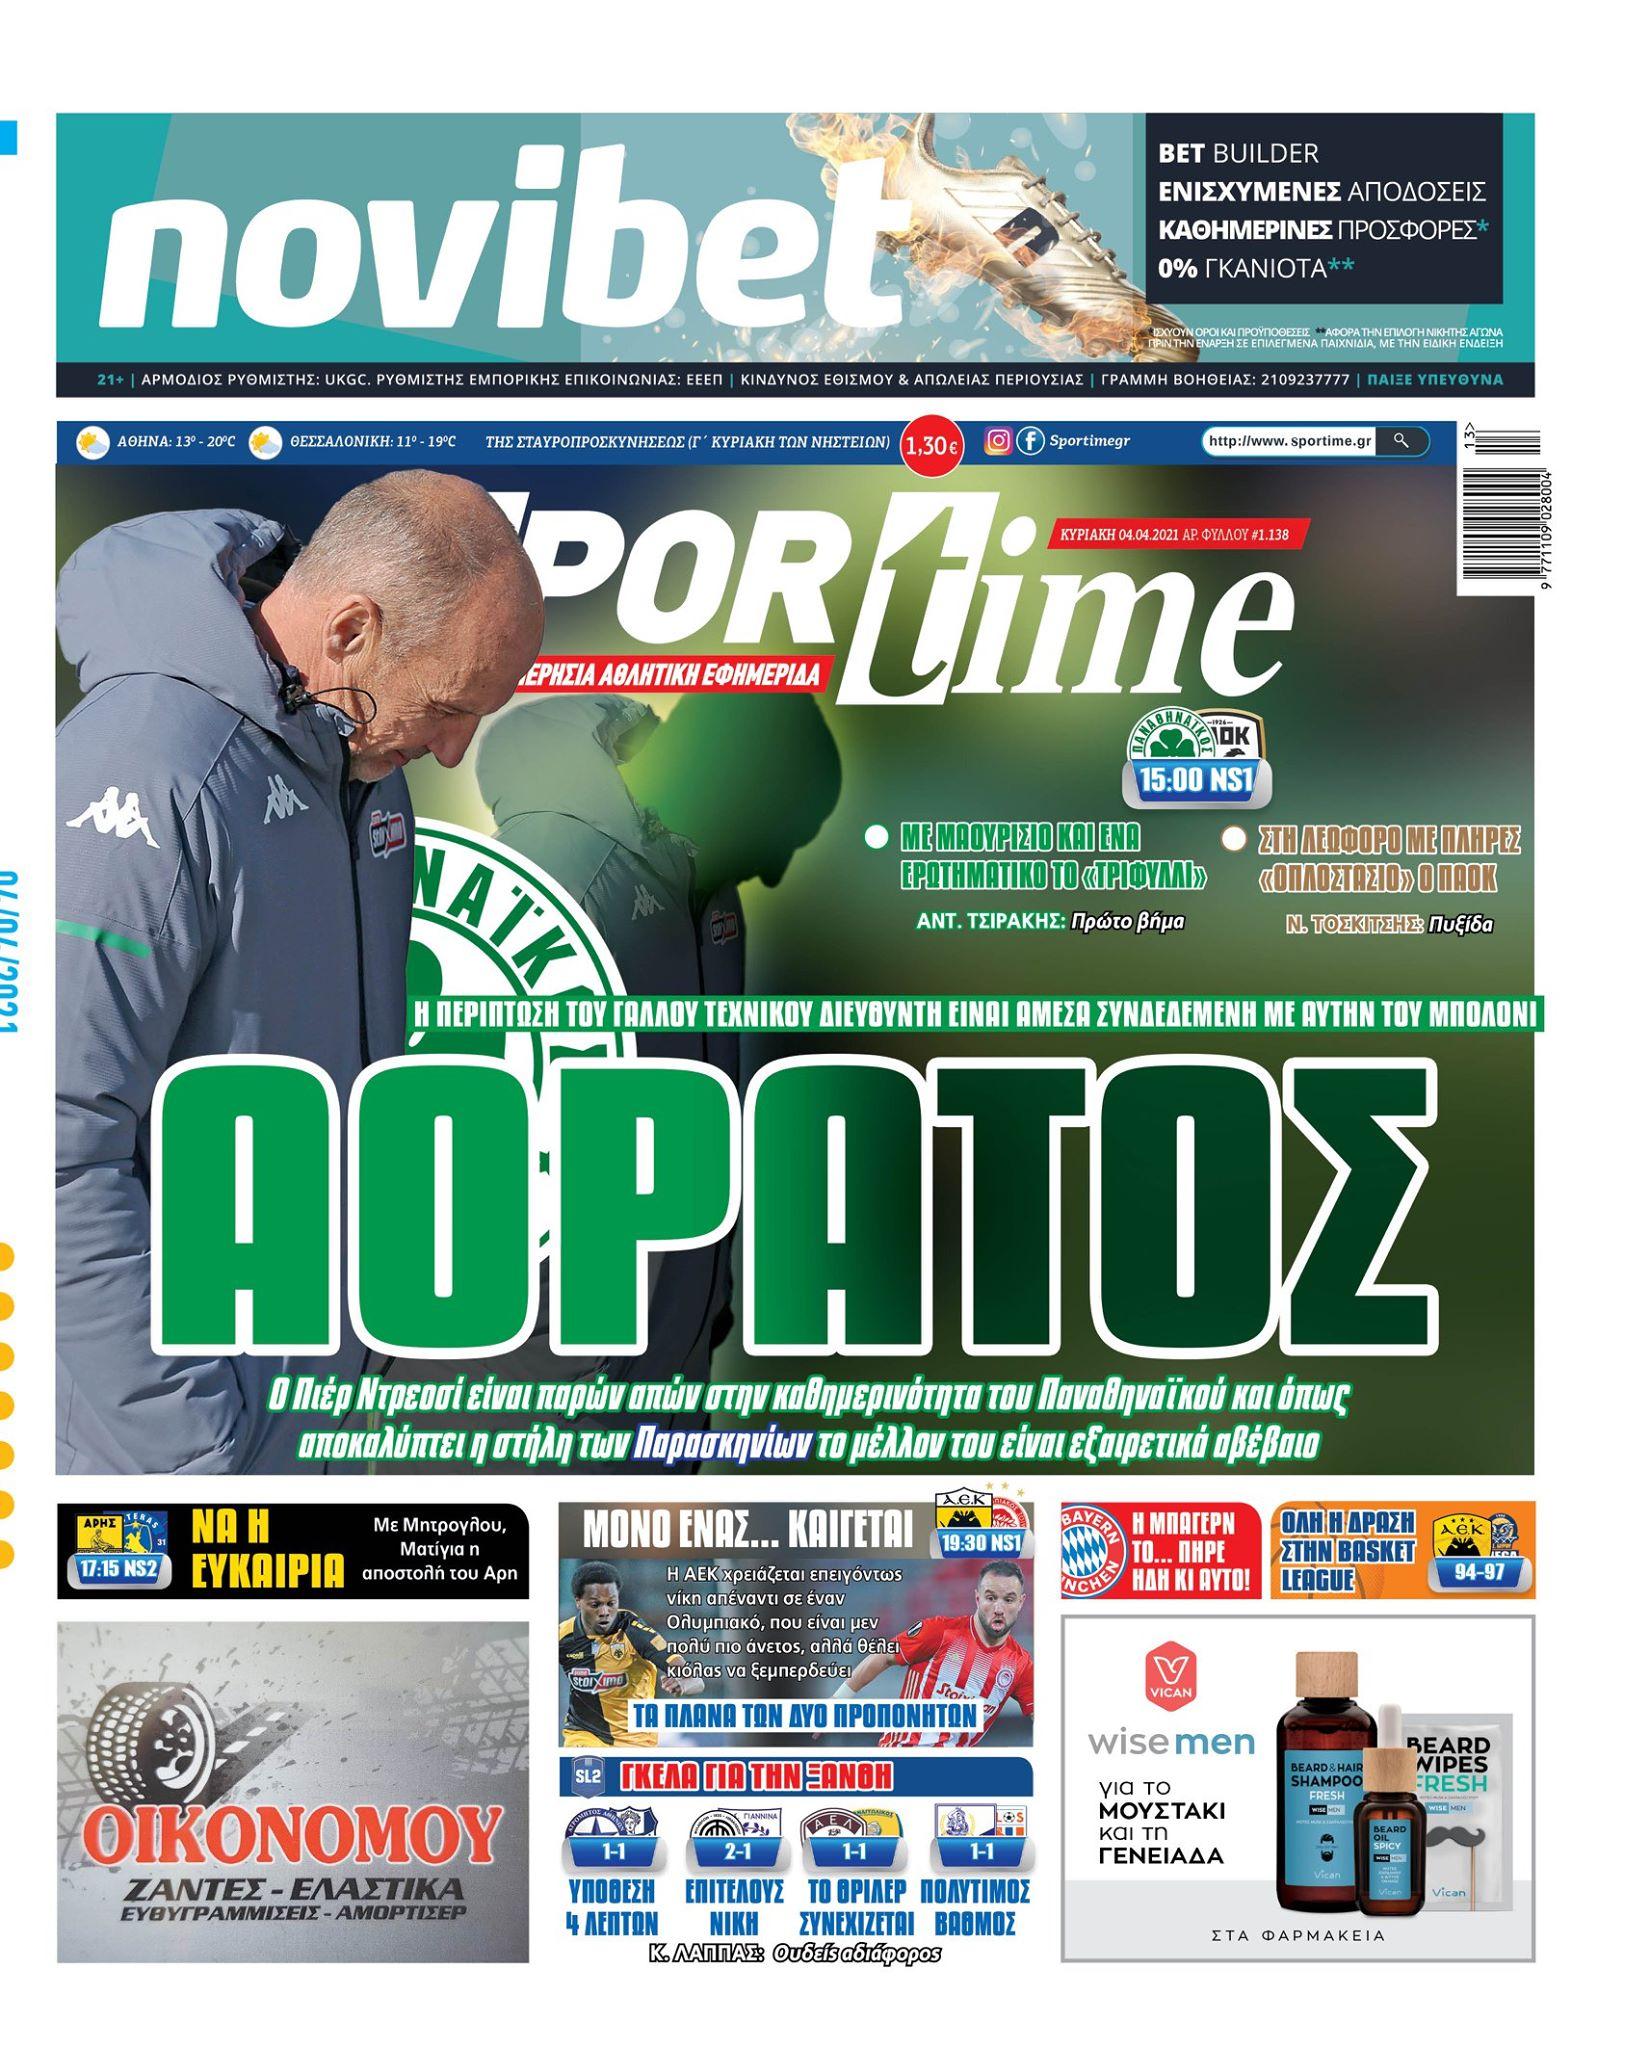 Εφημερίδα SPORTIME - Εξώφυλλο φύλλου 4/4/2021